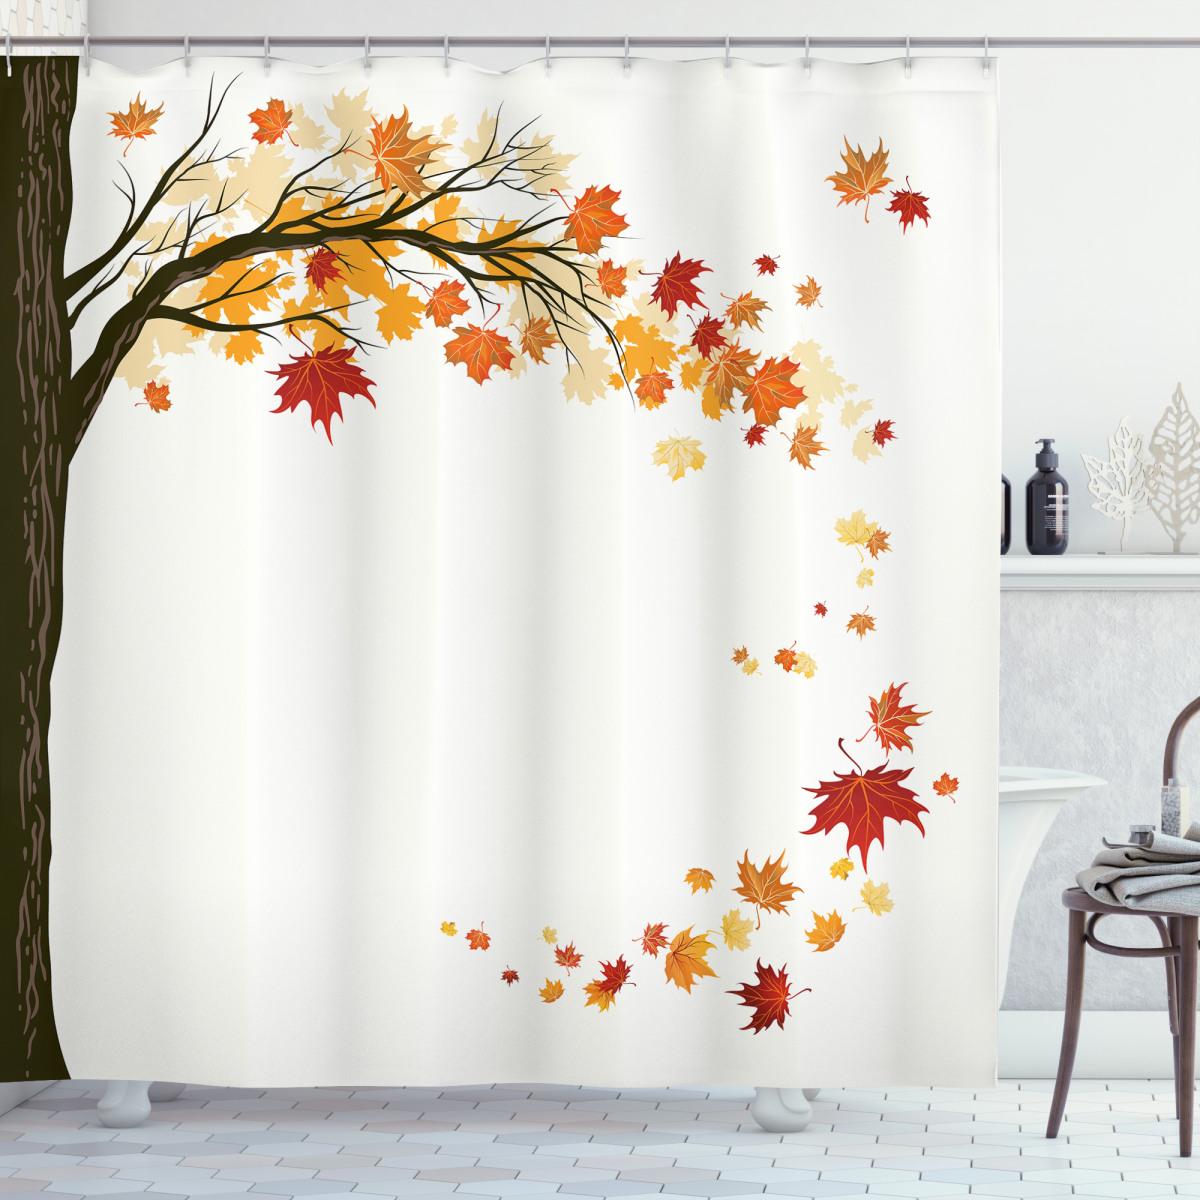 Flying Maple Leaf Seasons Shower Curtain